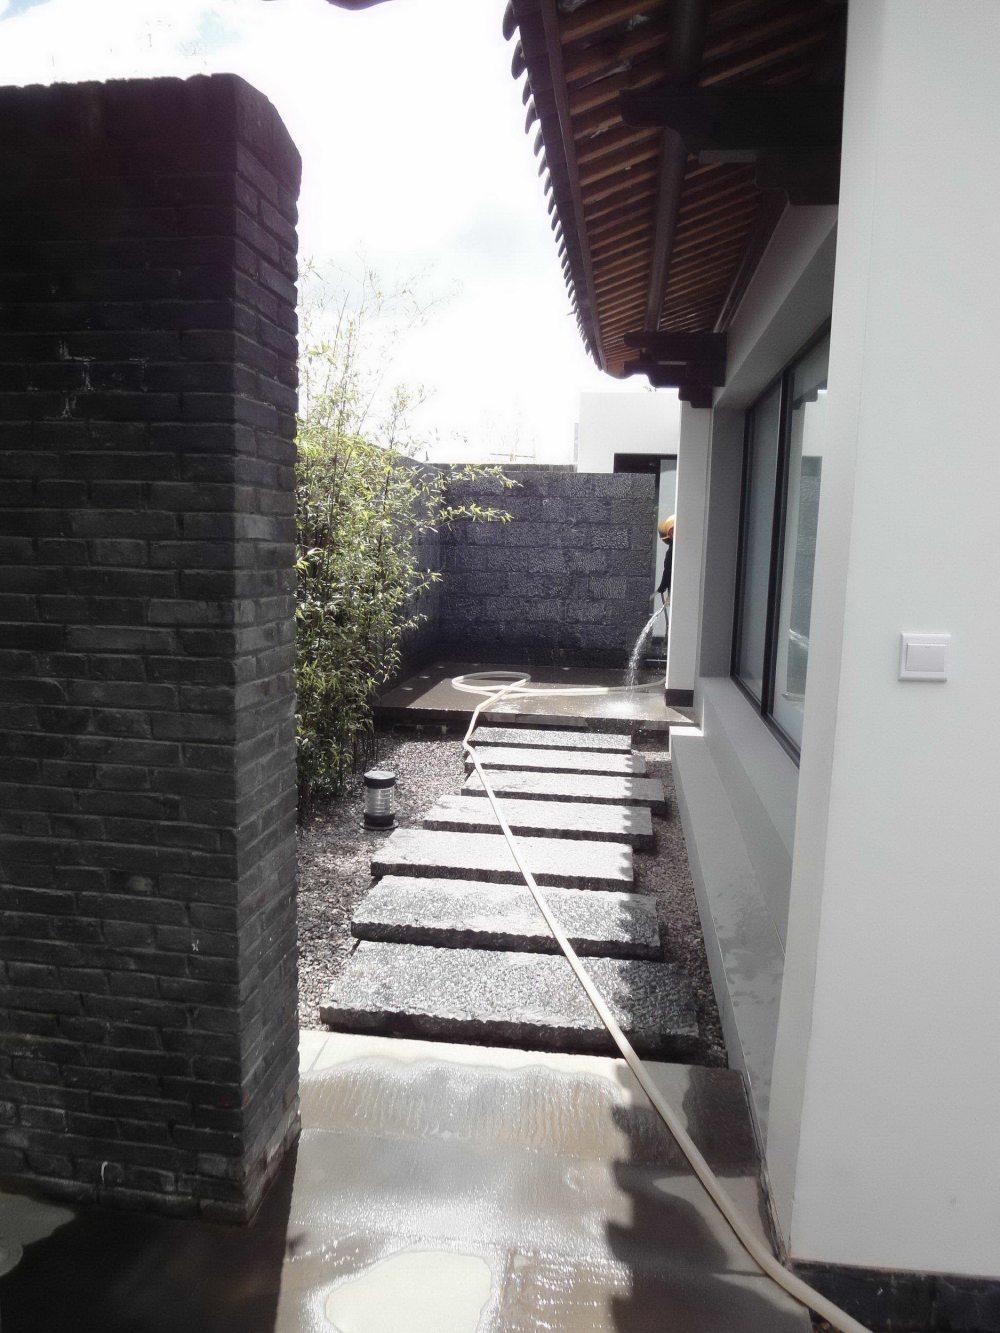 云南丽江铂尔曼渡假酒店(Lijiang Pullman Hotel)(CCD)(第8页更新)_DSC05155.jpg